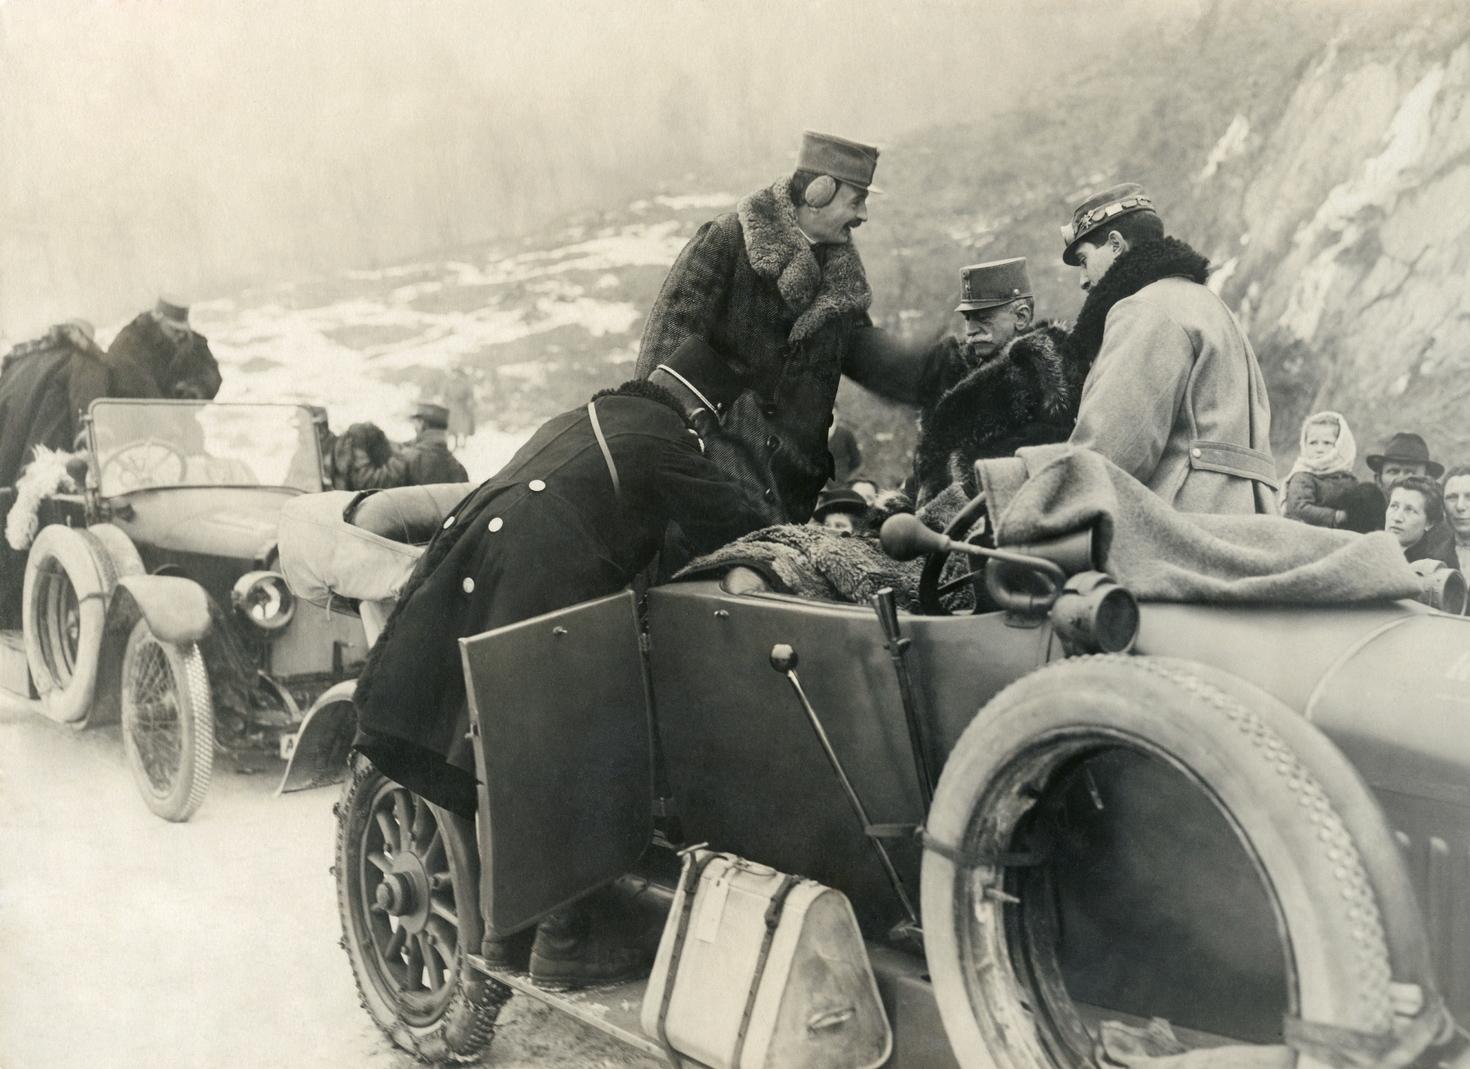 Isonzo, 1916. november 1. Az Osztrák-Magyar Monarchia trónörököse, a későbbi IV. Károly császár és magyar király (az álló fülvédős) az olaszországi fronton harcoló alakulatok csapatszemléjére indulóban. MTI Fotó: -